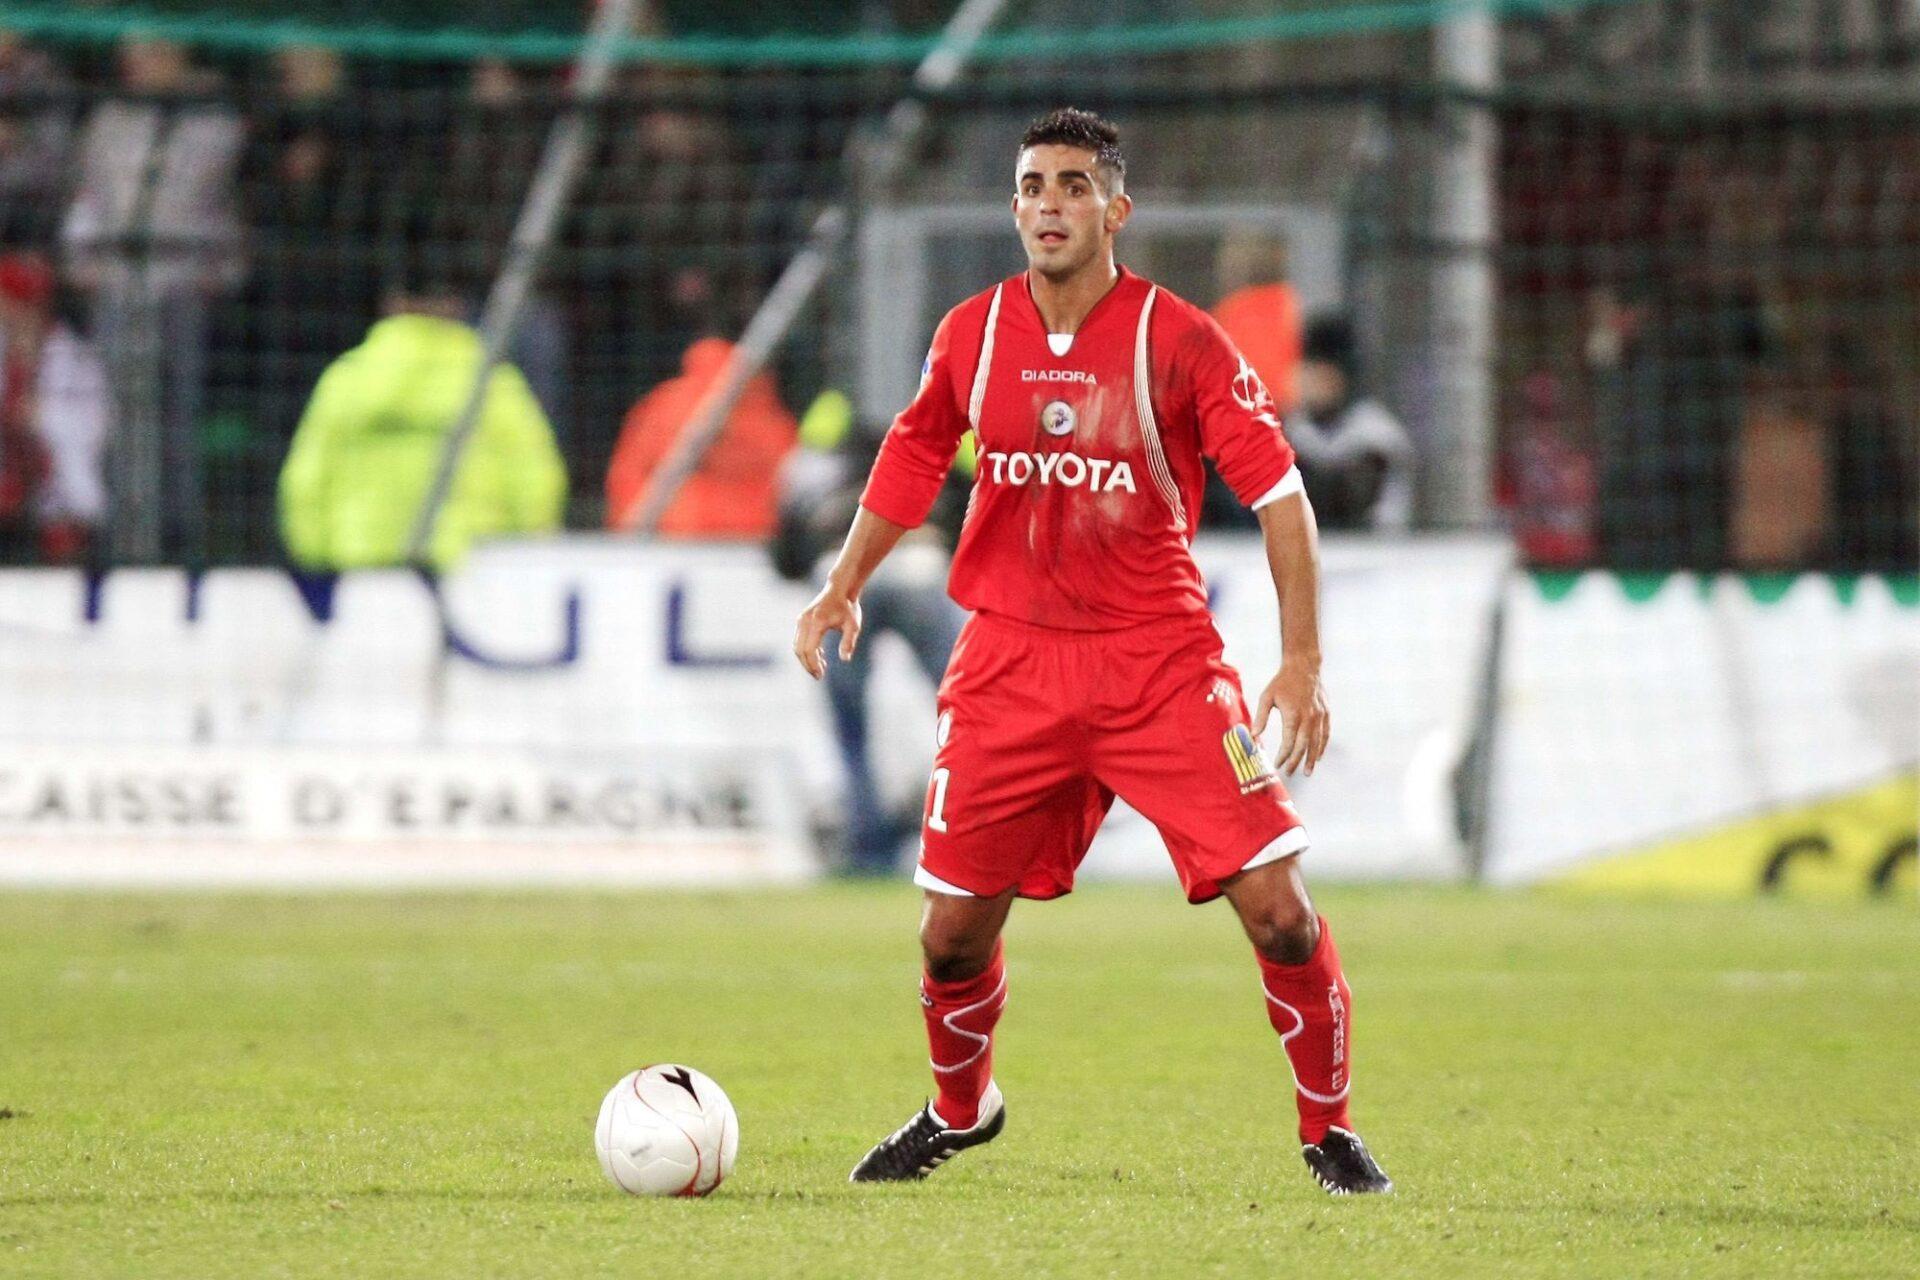 Williams Martinez en 2008 avec le maillot de Valenciennes contre Saint-Etienne en Ligue 1. Icon Sport